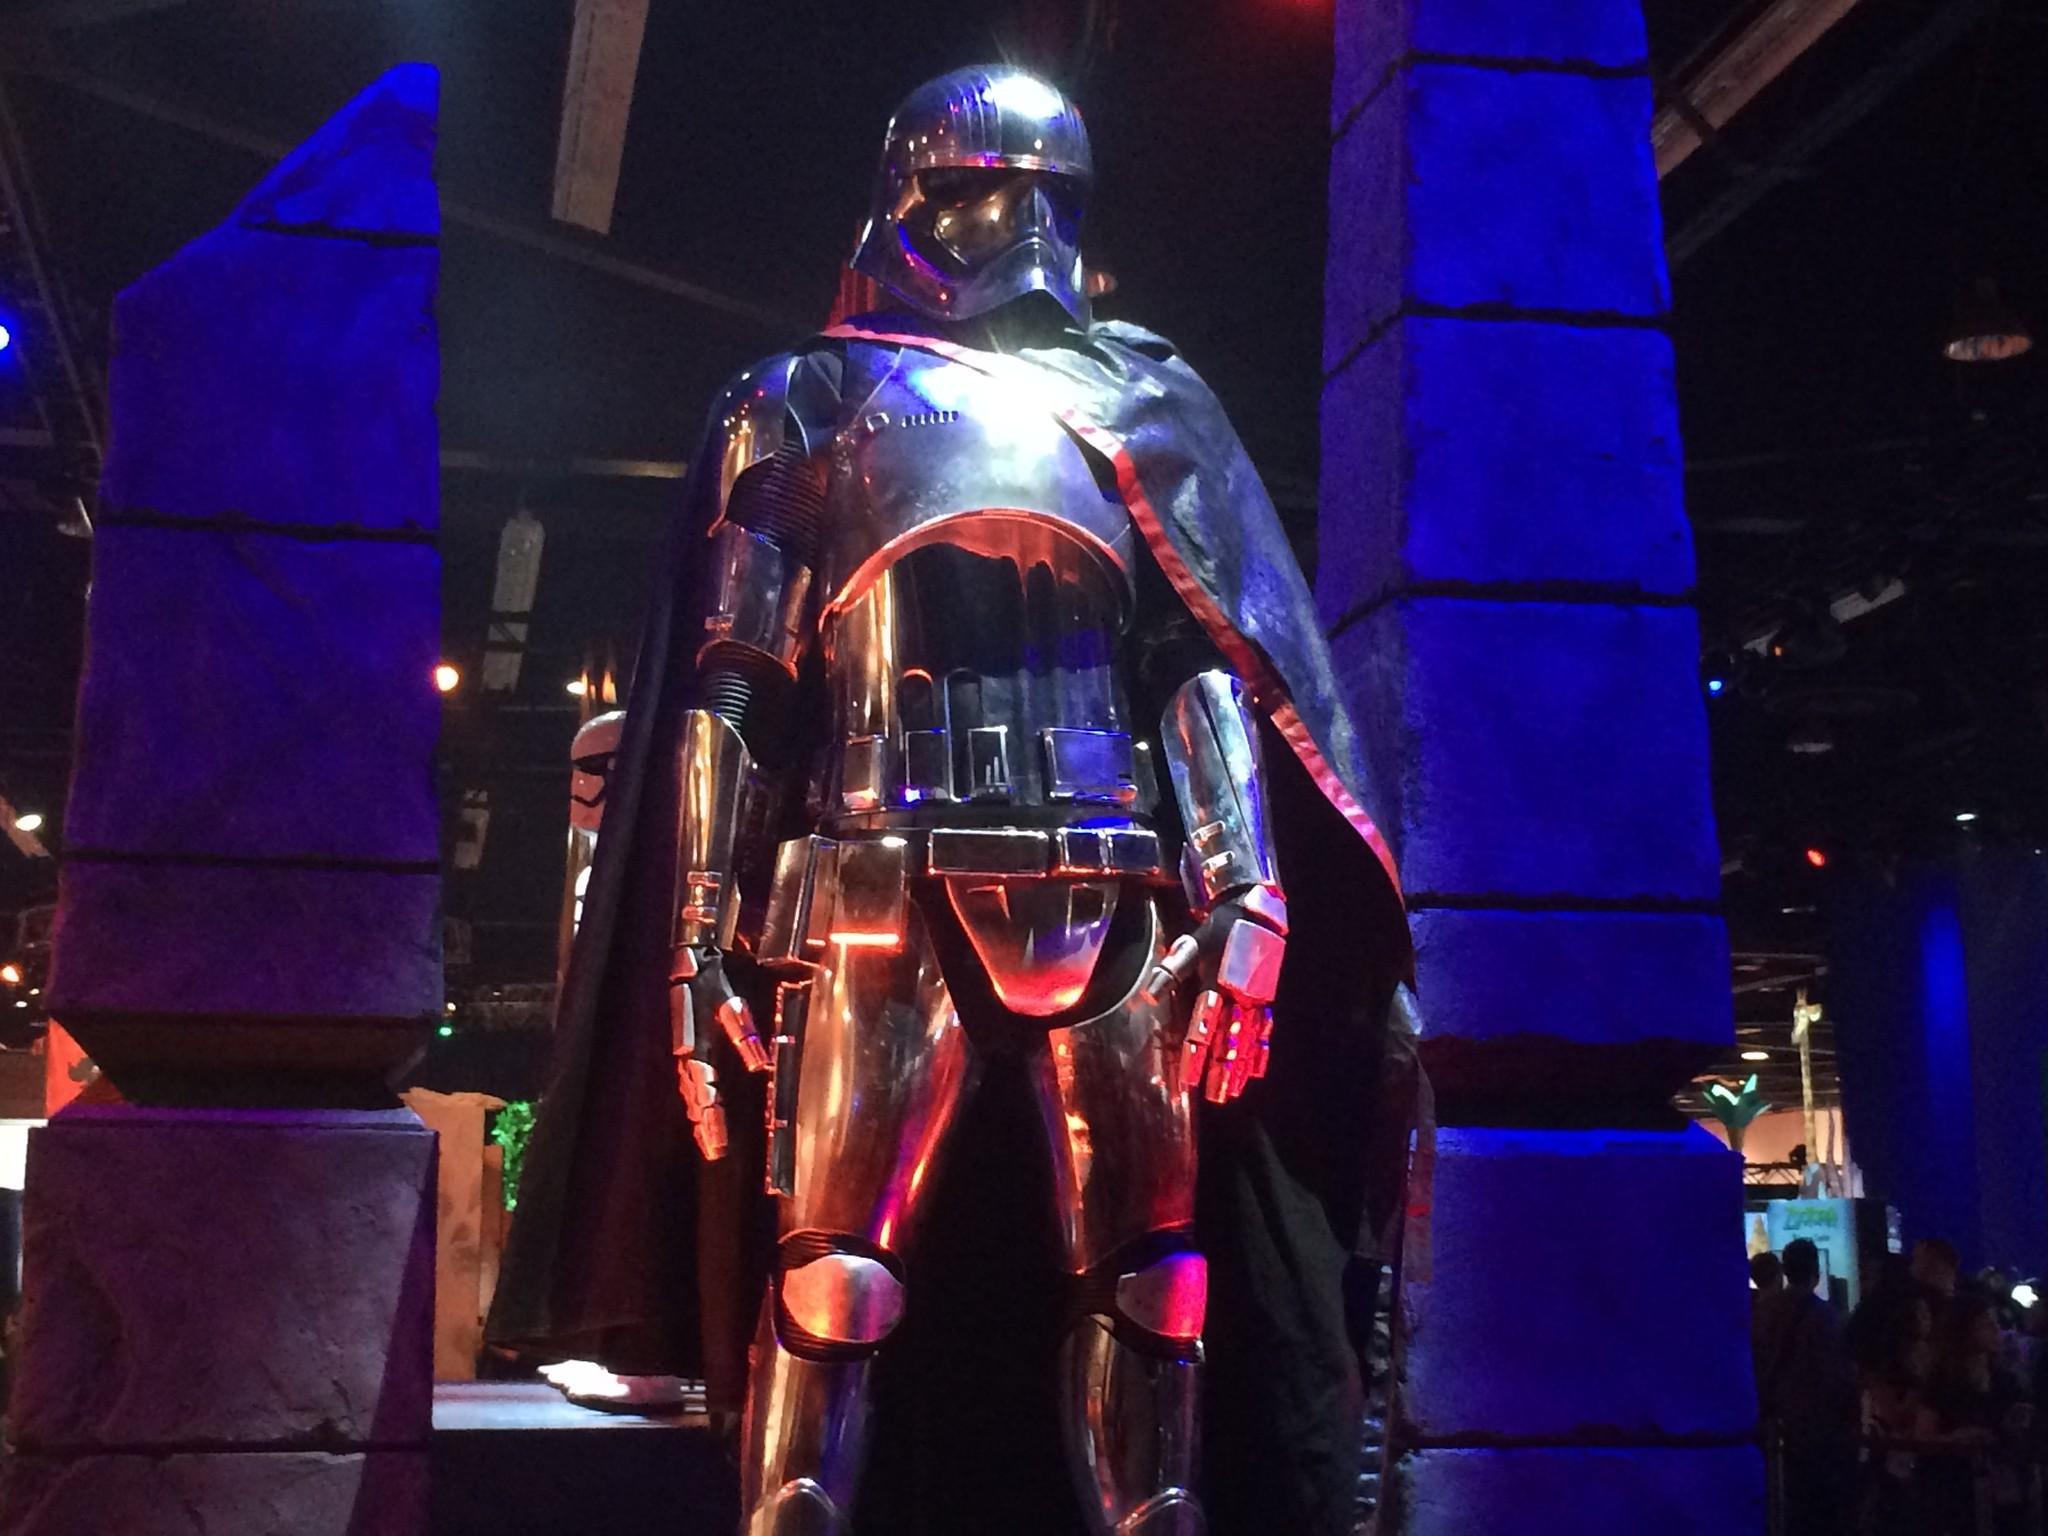 http://www.trbimg.com/img-55ce3e8a/turbine/la-et-hc-star-wars-captain-phasma-costume-d23-20150814